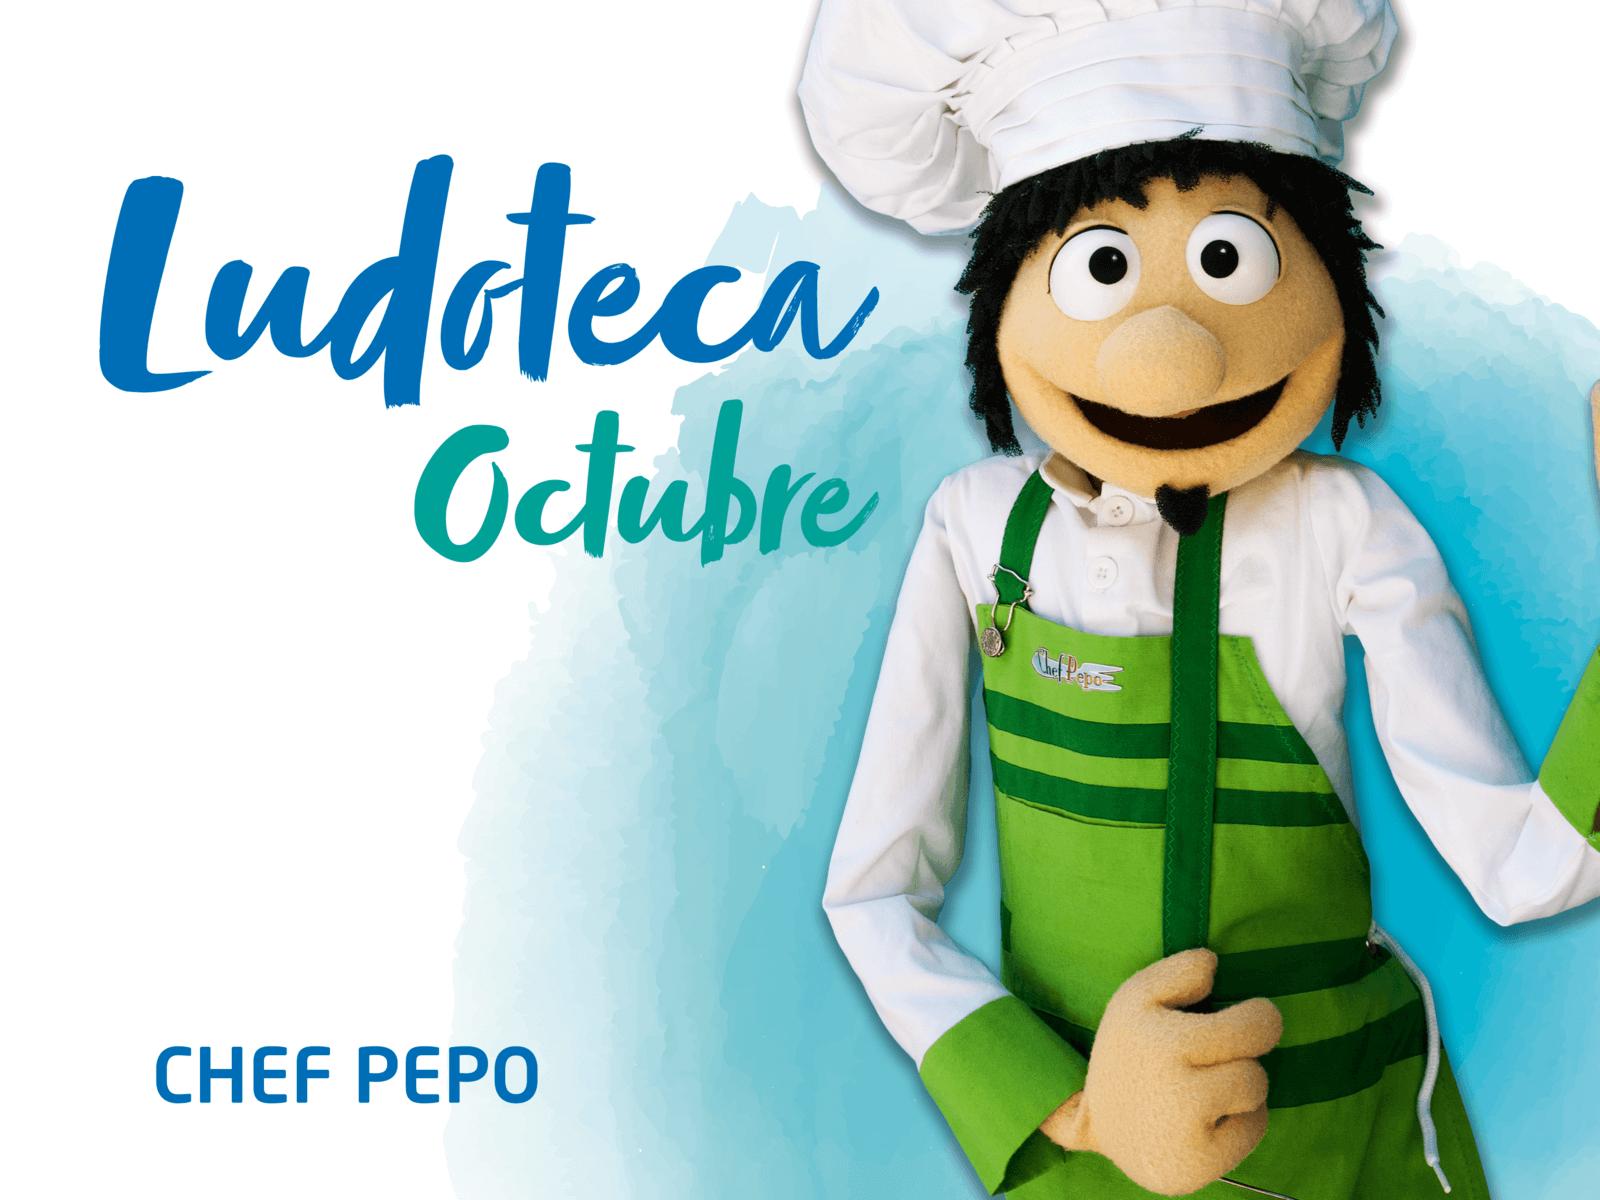 Ludoteca Chef Pepo Octubre